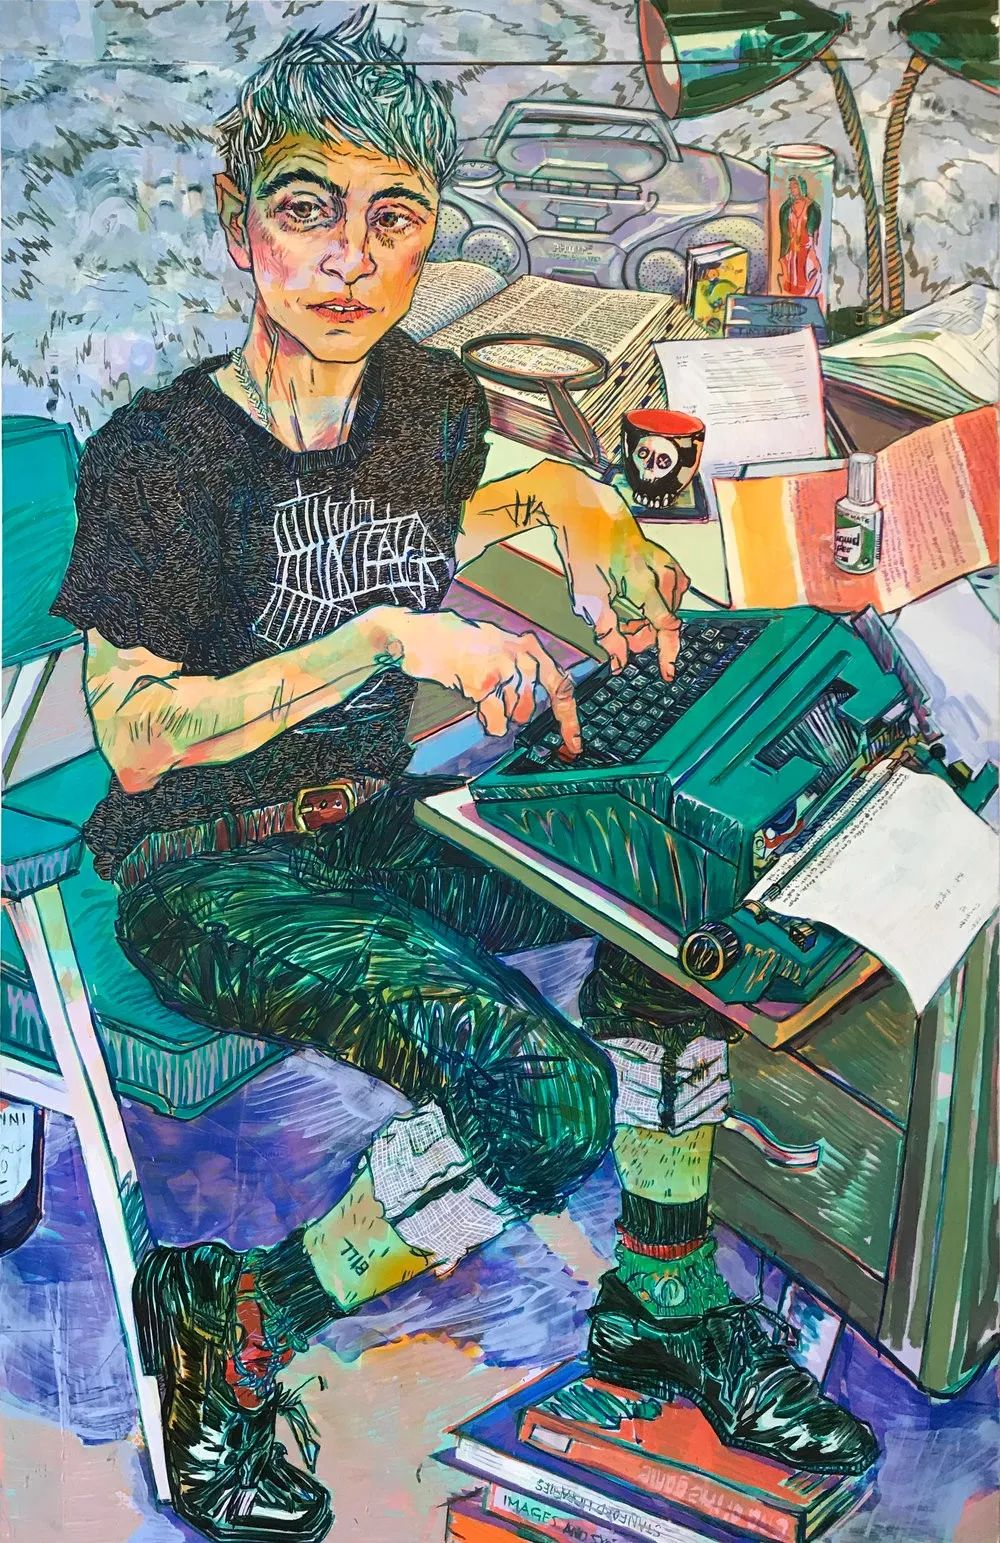 用平静的笔触描绘强烈的感情,美国艺术家Hope Gangloff作品选插图33